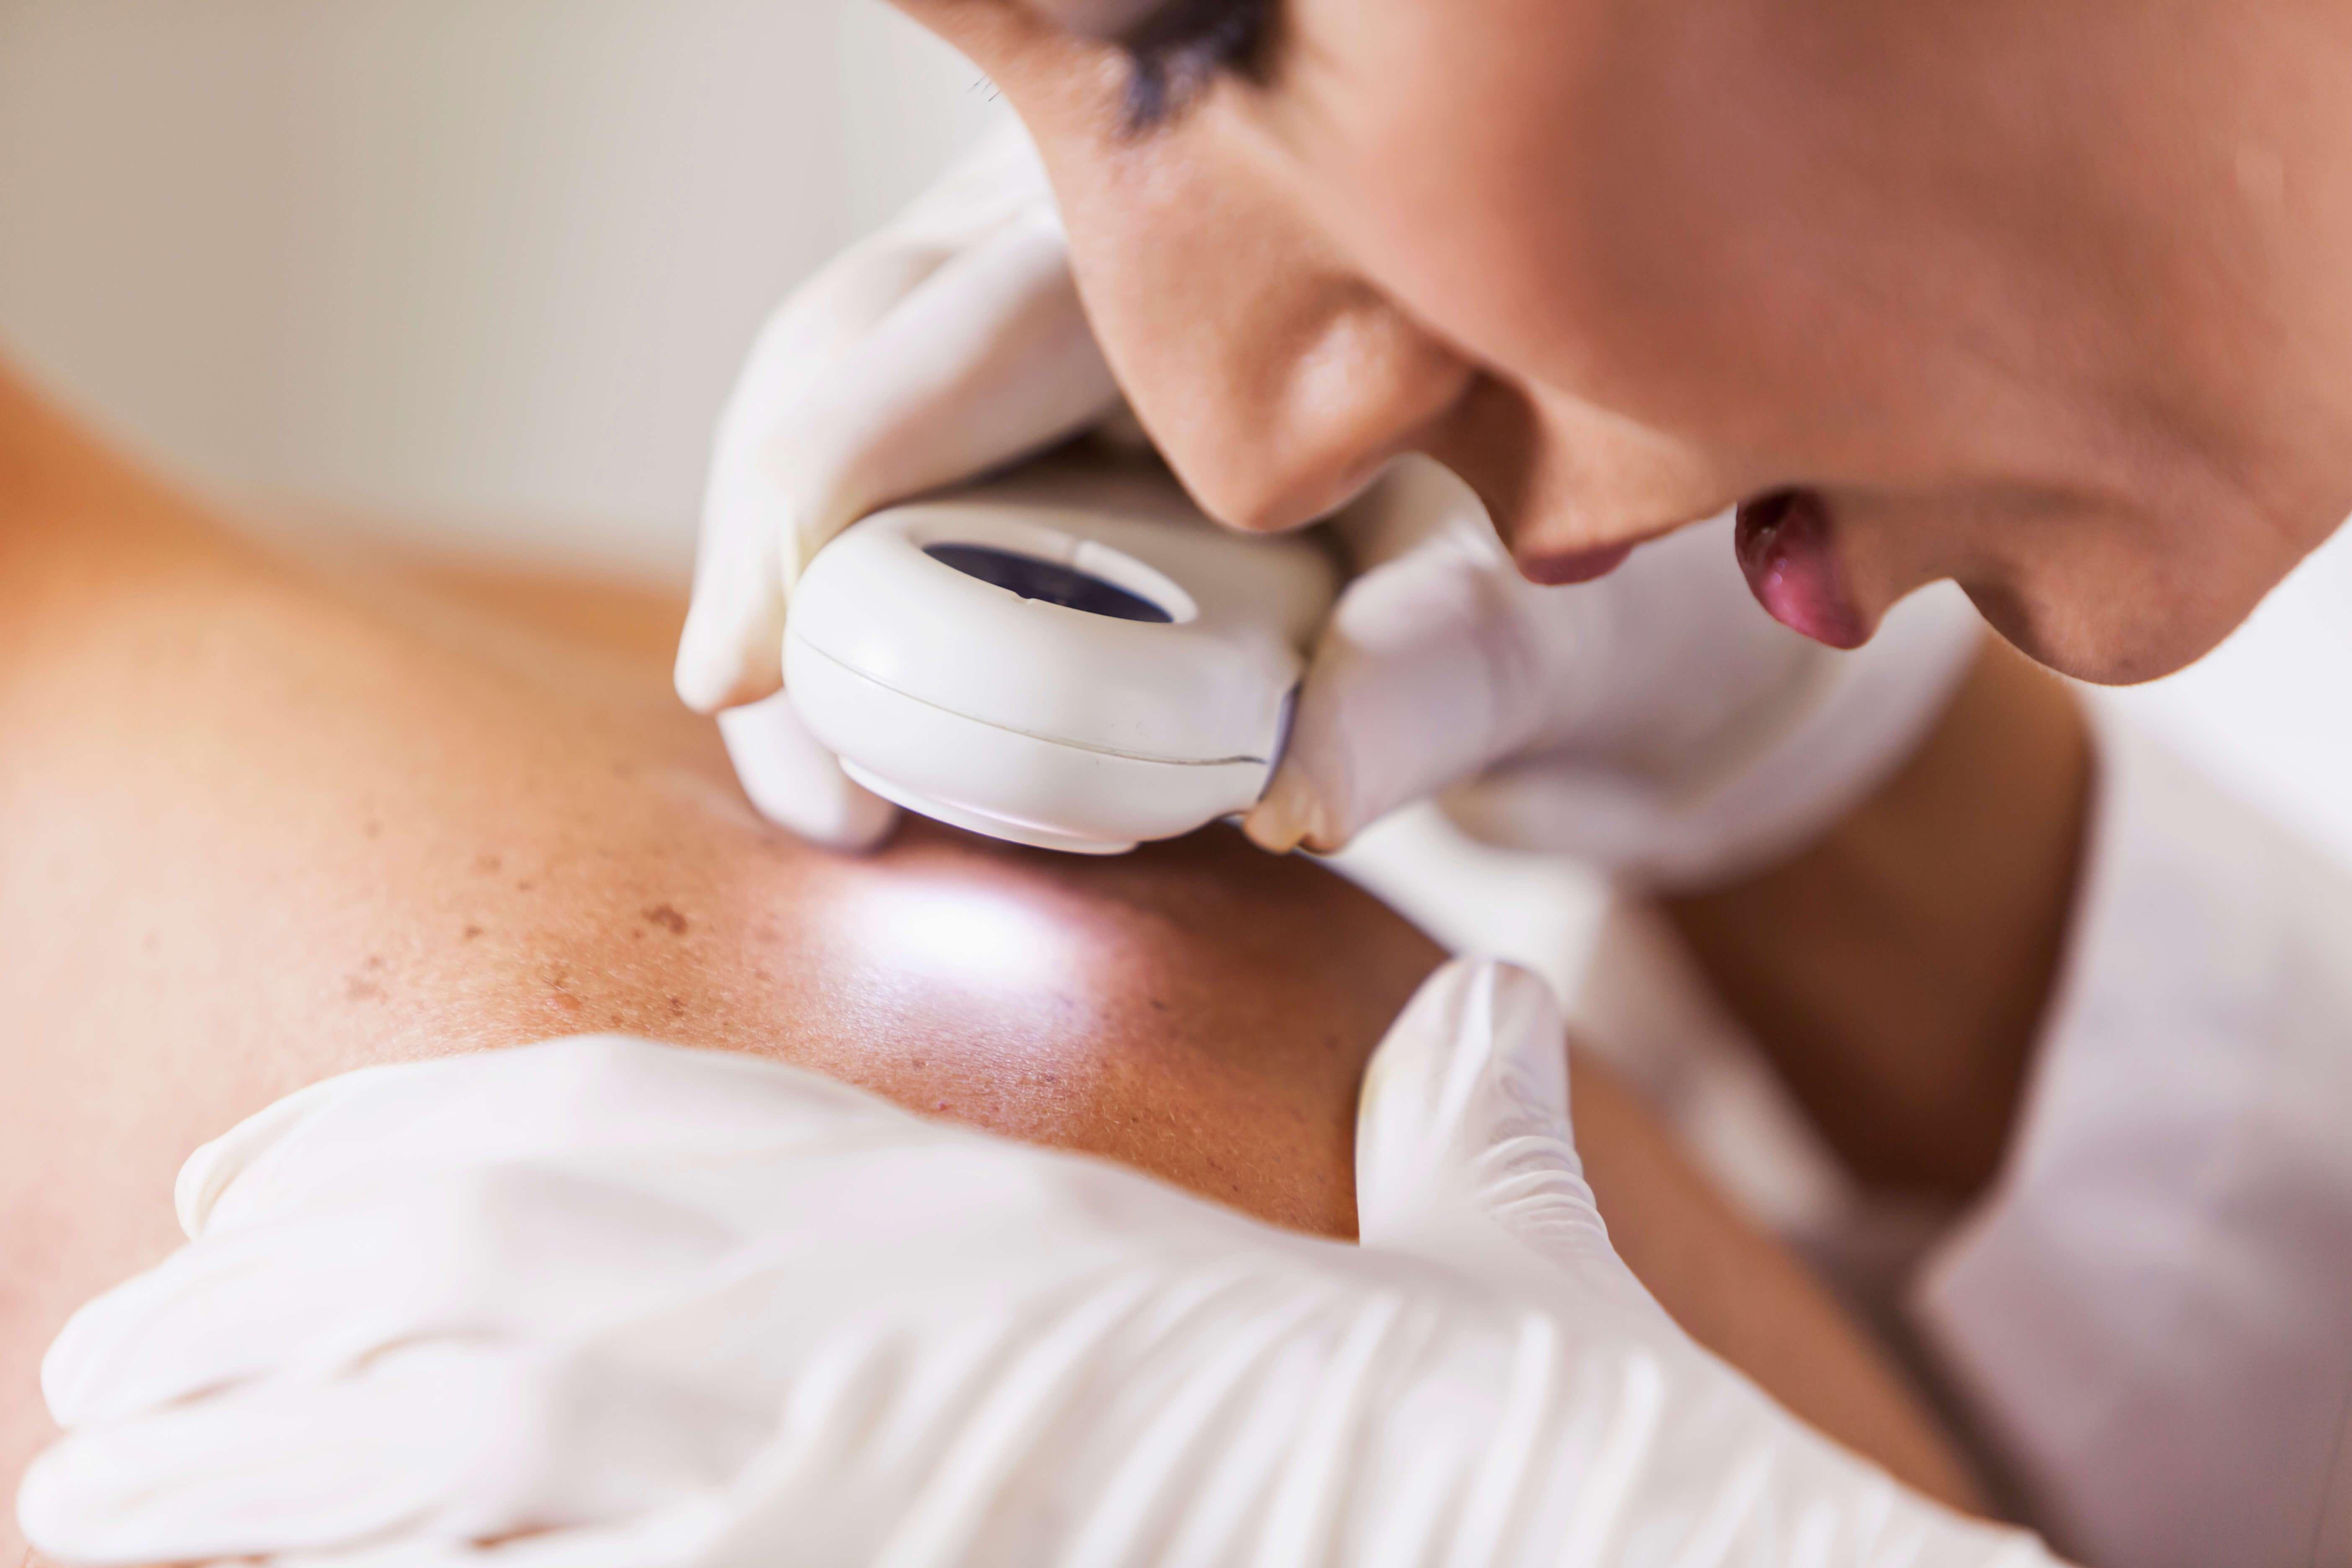 Up close skin checkup